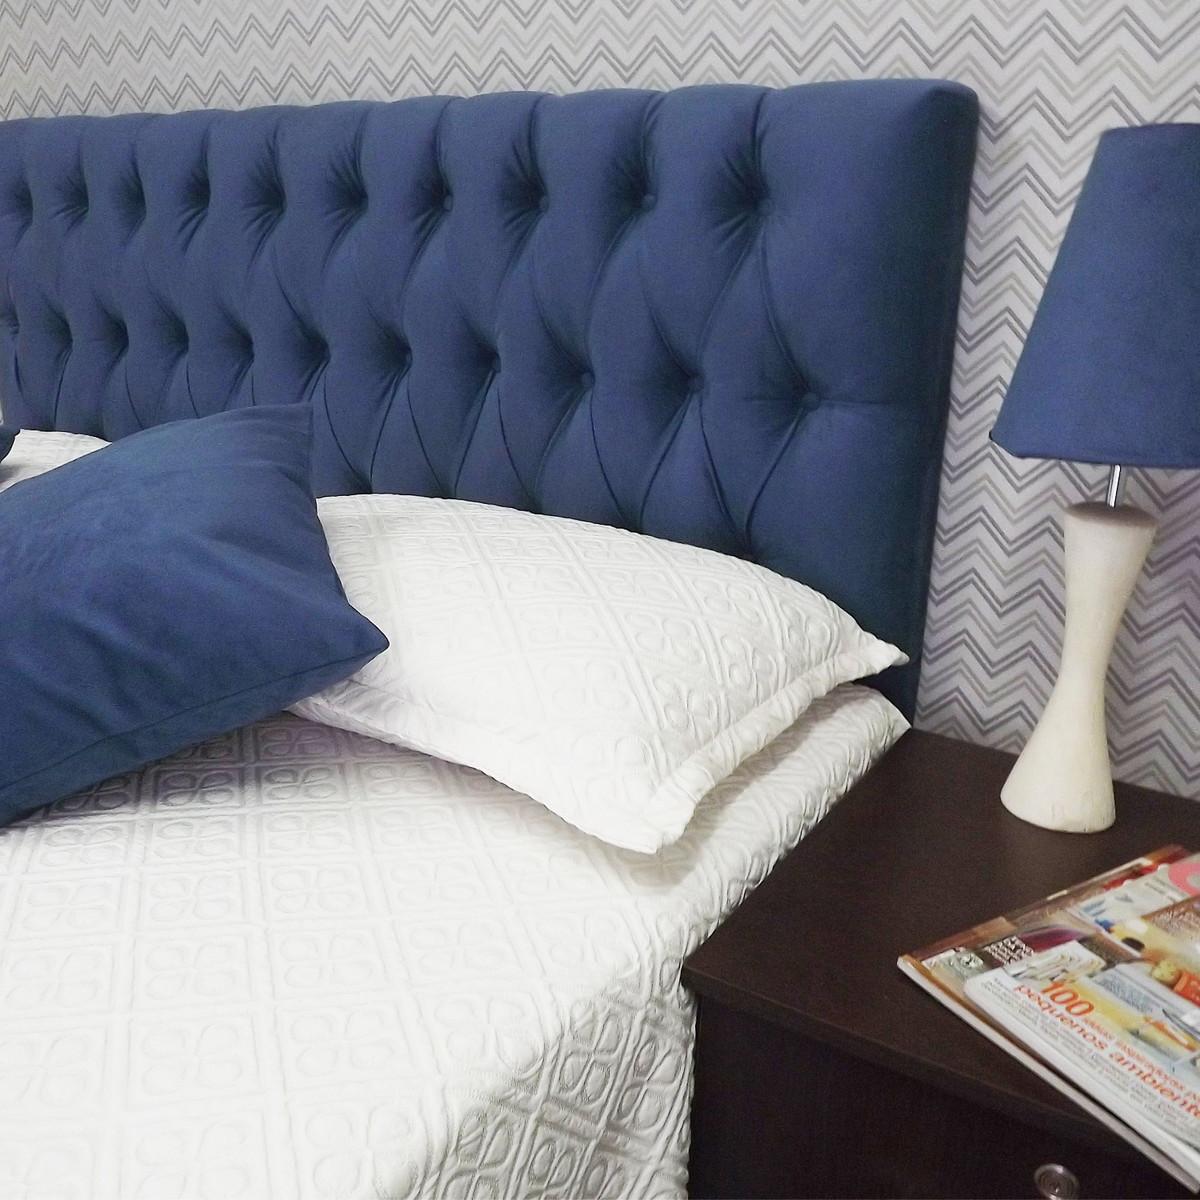 4e67d9ce5 Cabeceira Capitone Vintage Azul Royal 90 x 60 no Elo7